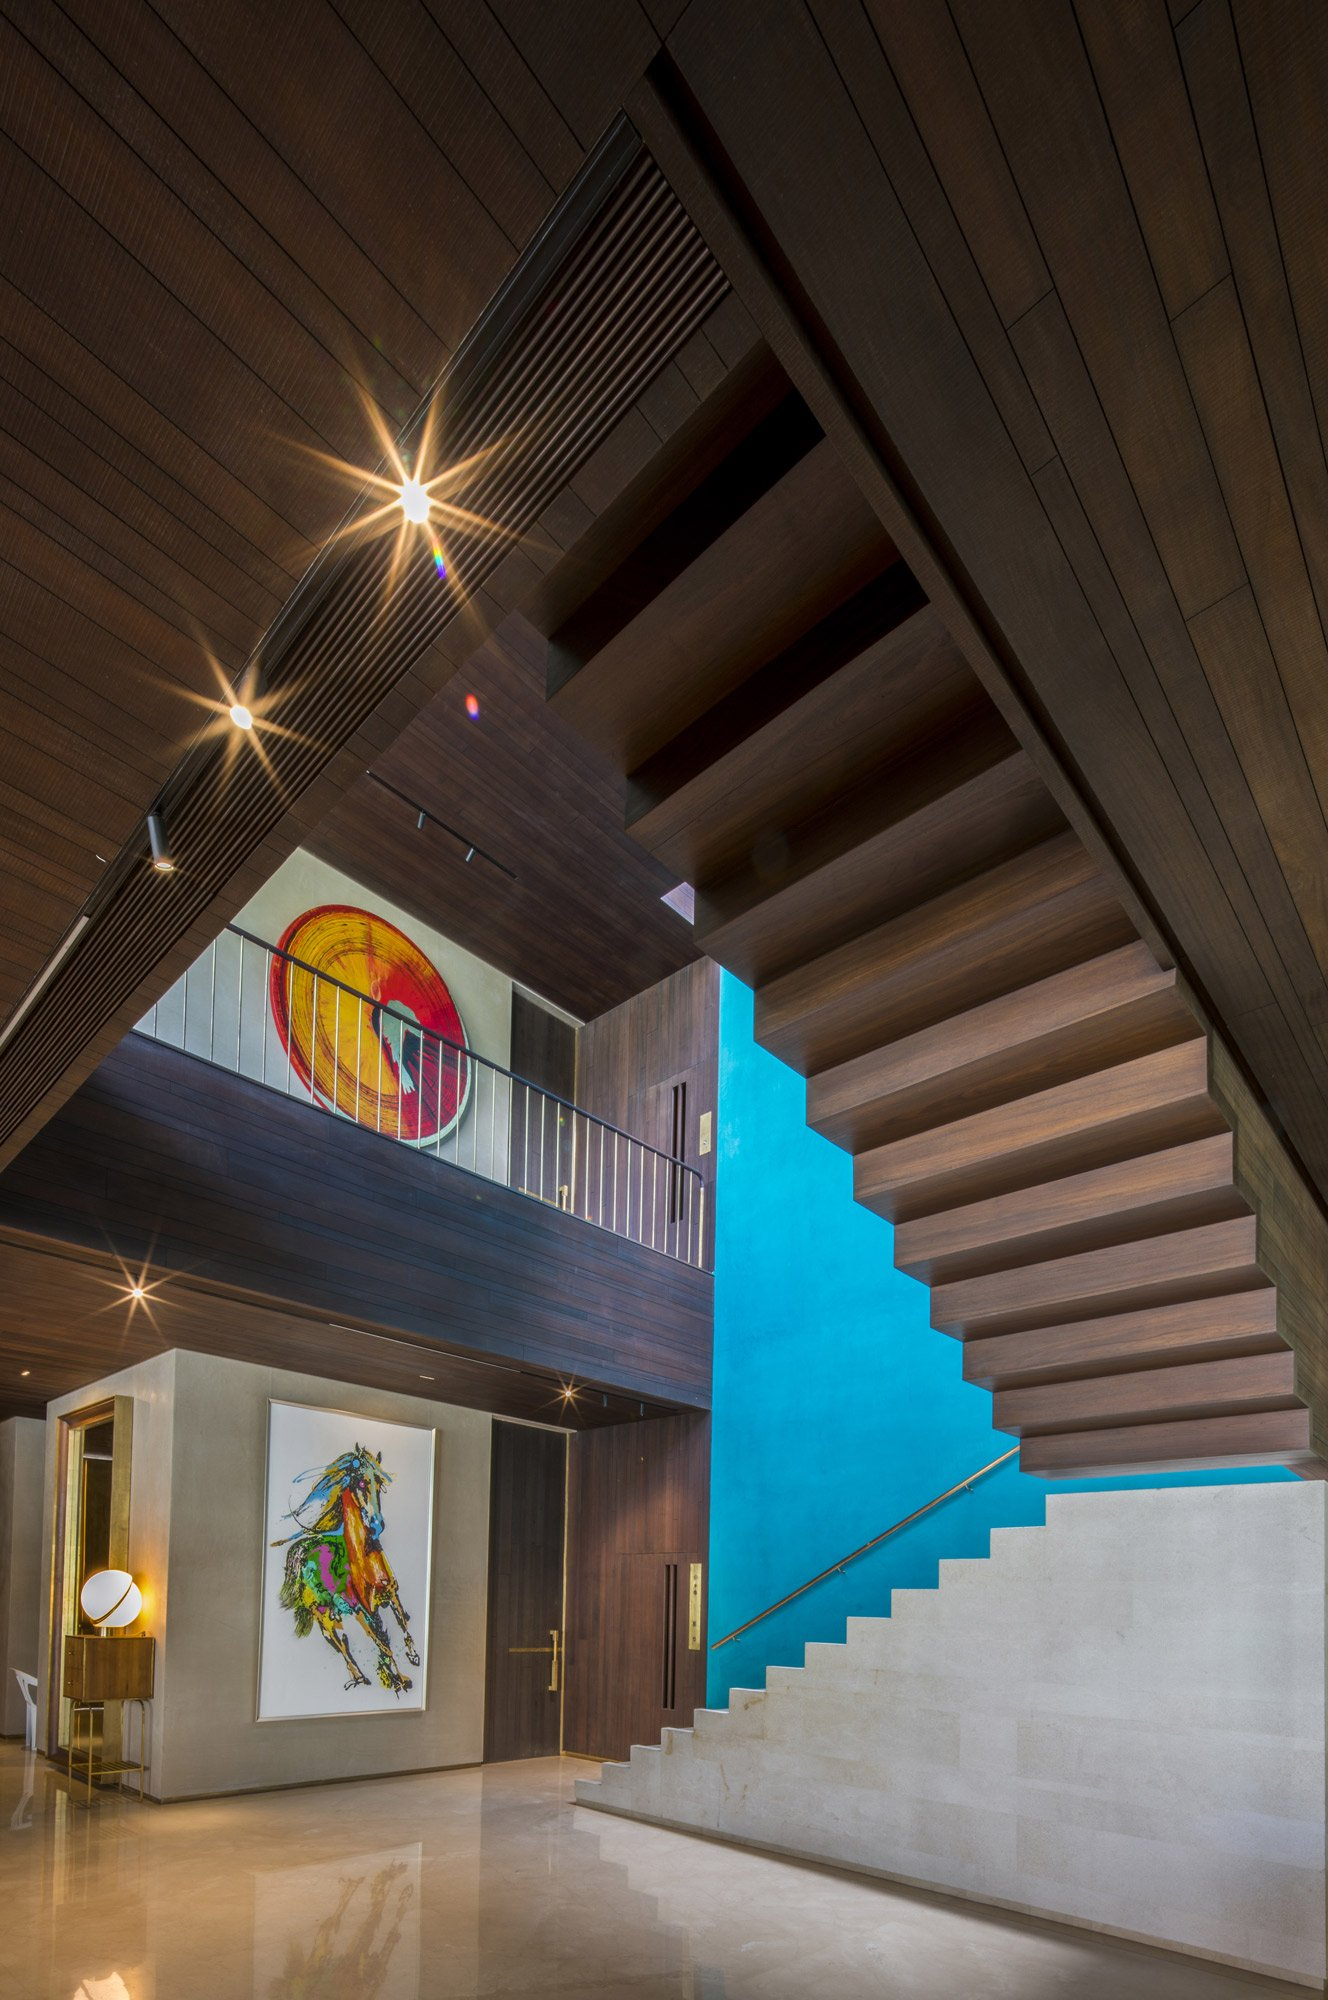 House of Secret Gardens by Spasm Design © Umang shah, courtesy Spasm Design